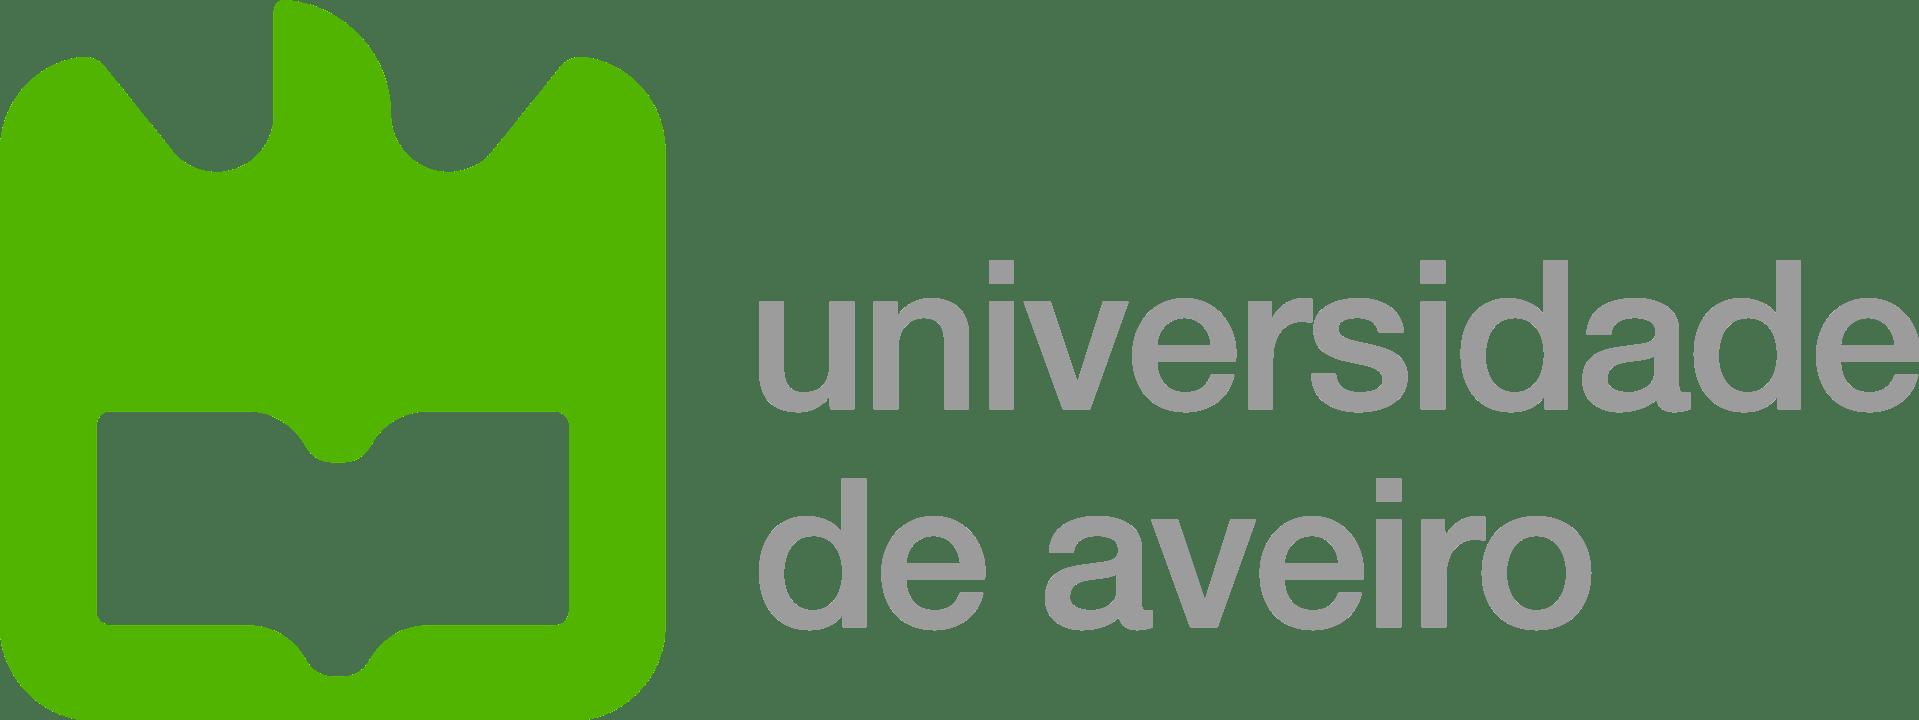 Universidade de Aveiro - Aveiro - Portugal - MastersPortal com